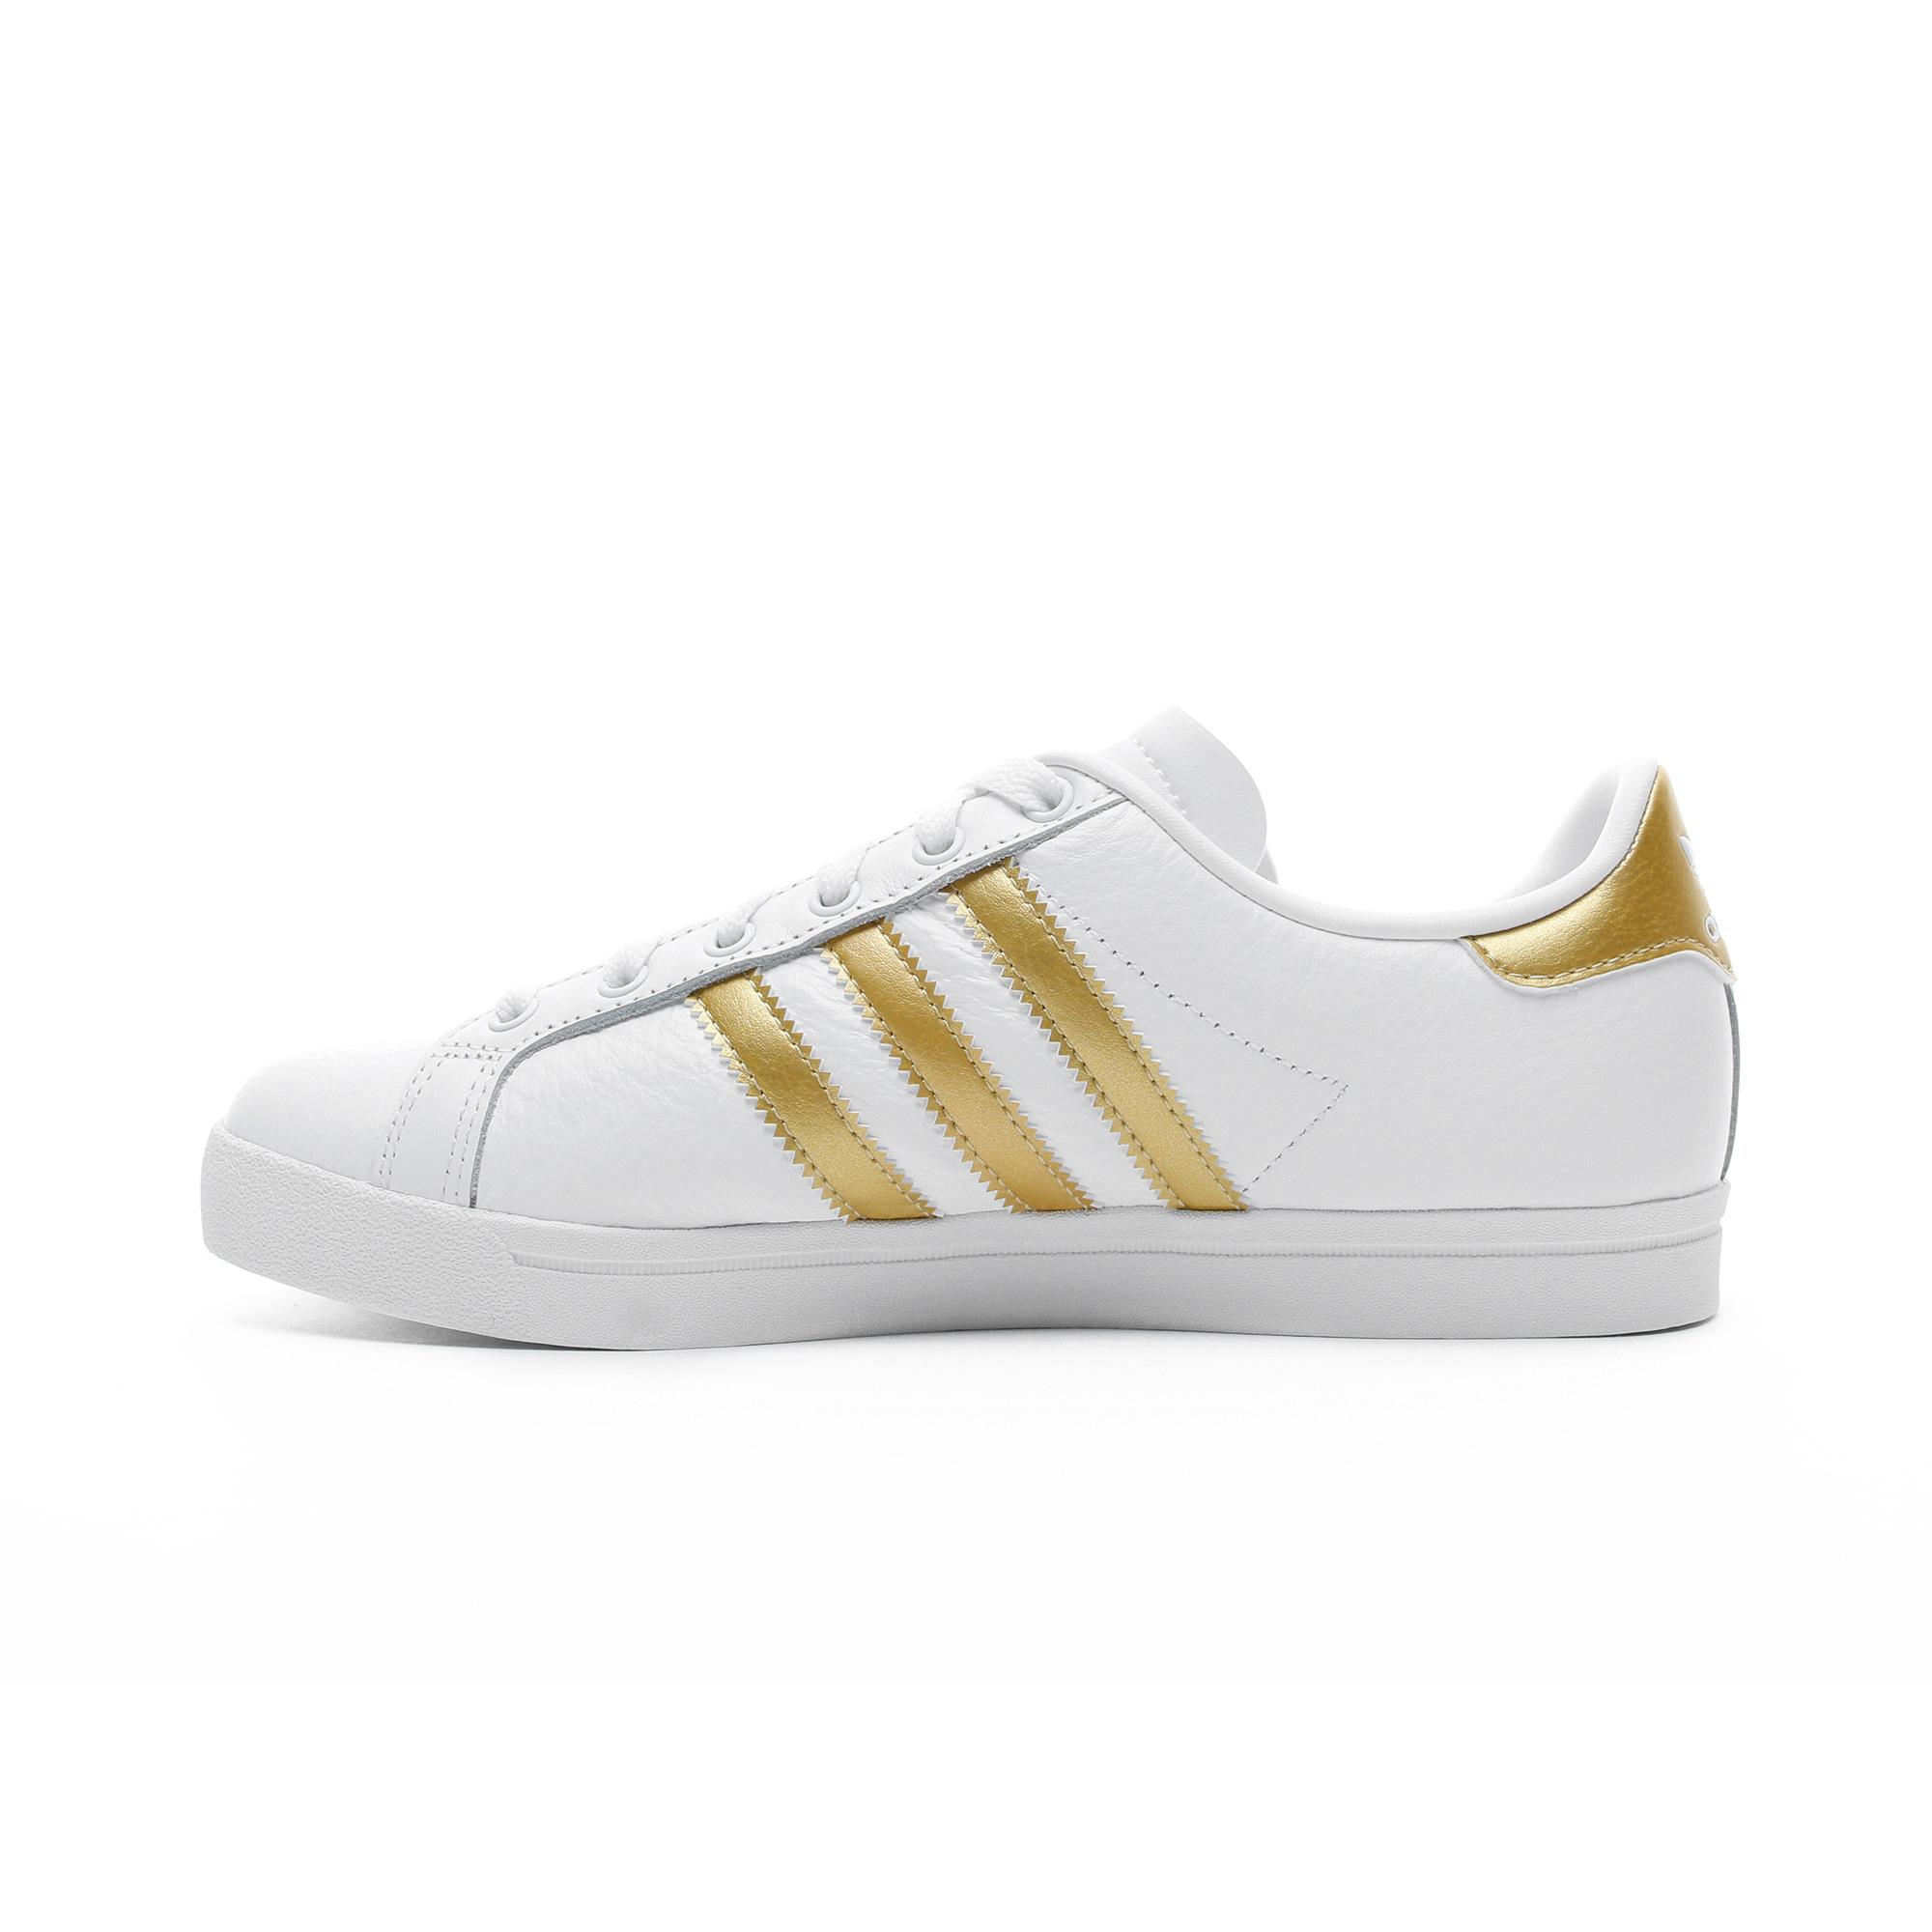 adidas Coast Star Kadın Beyaz - Altın Spor Ayakkabı